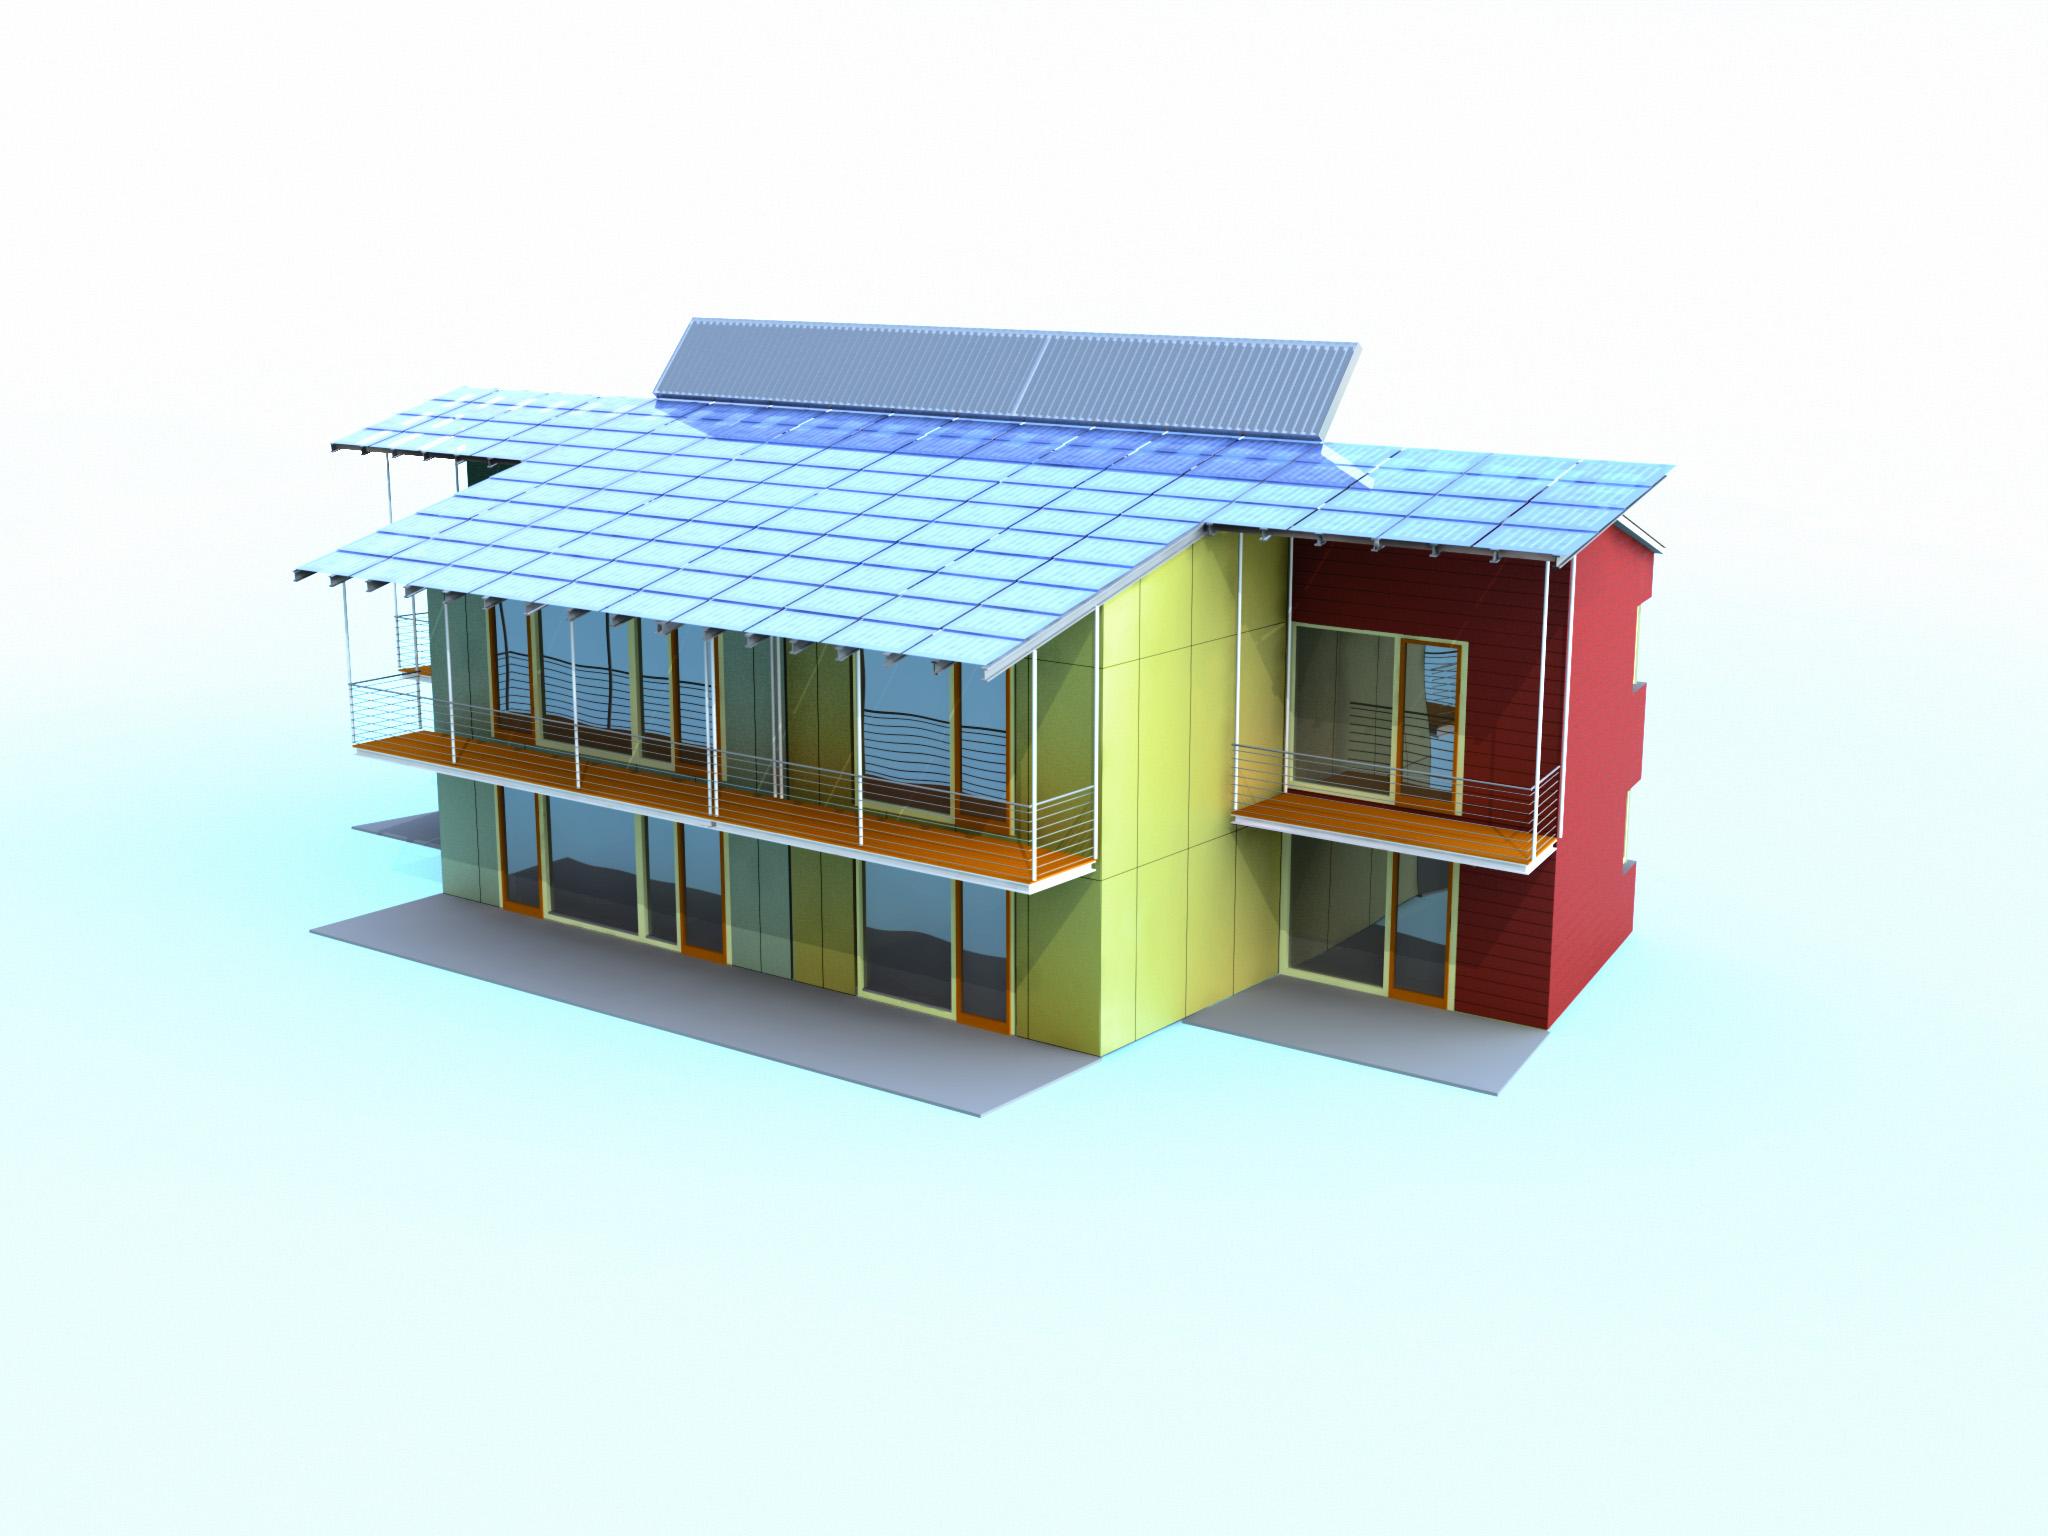 wir planen ein energieeffizientes haus mit pv seite 6. Black Bedroom Furniture Sets. Home Design Ideas